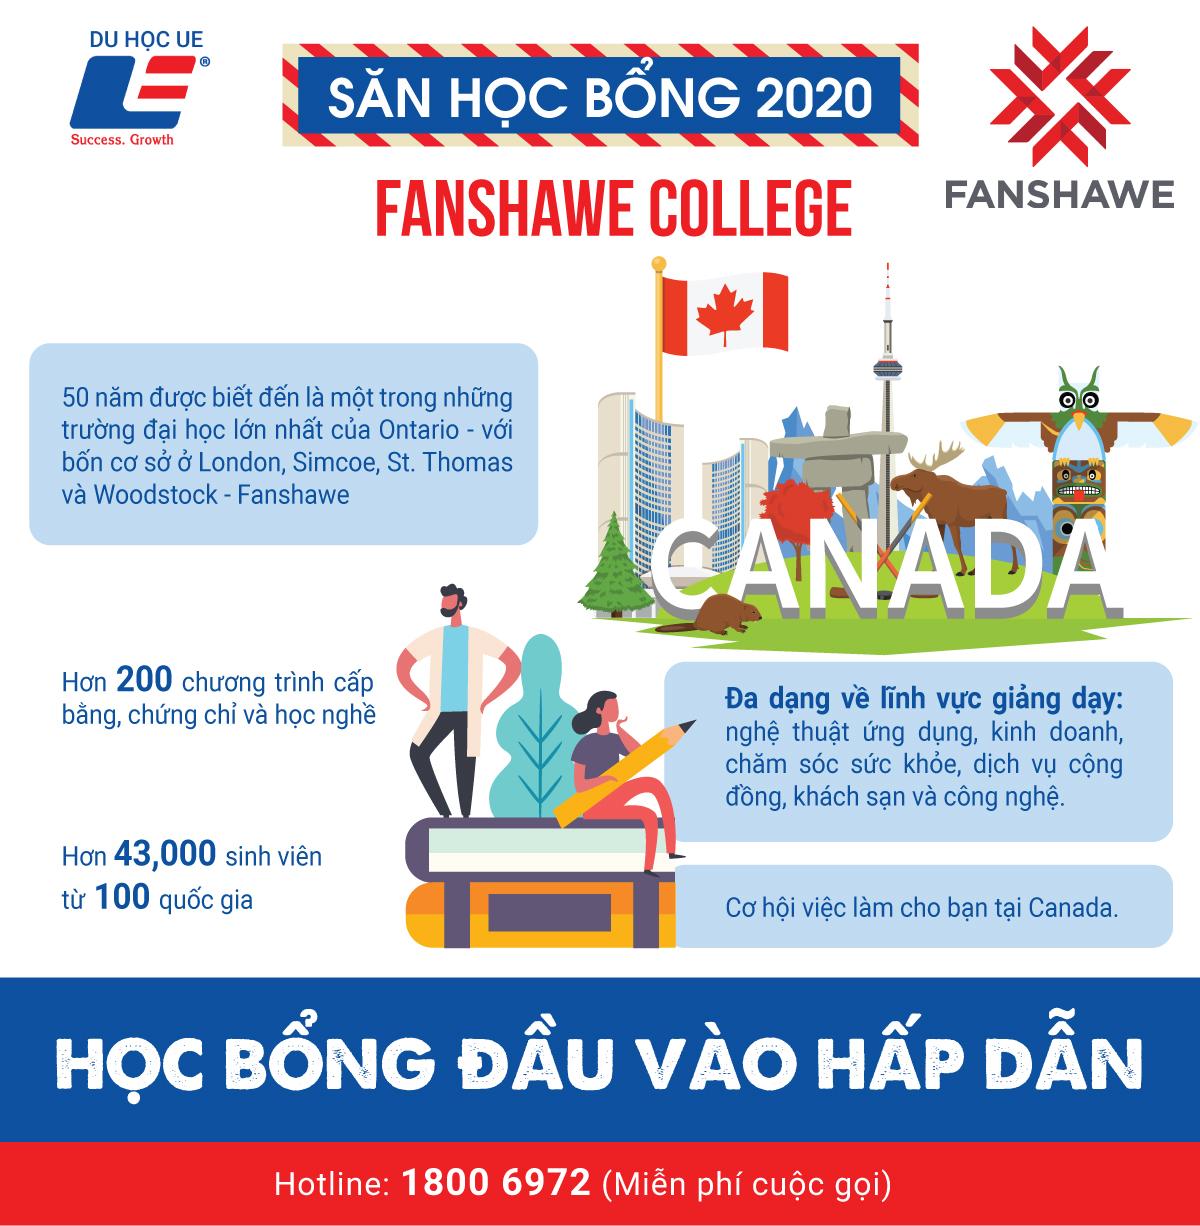 Cùng DU HỌC UE săn ngay các suất học bổng đầu vào hấp dẫn tại Fanshawe College - Trường cao đẳng cộng đồng xuất sắc tại Canada